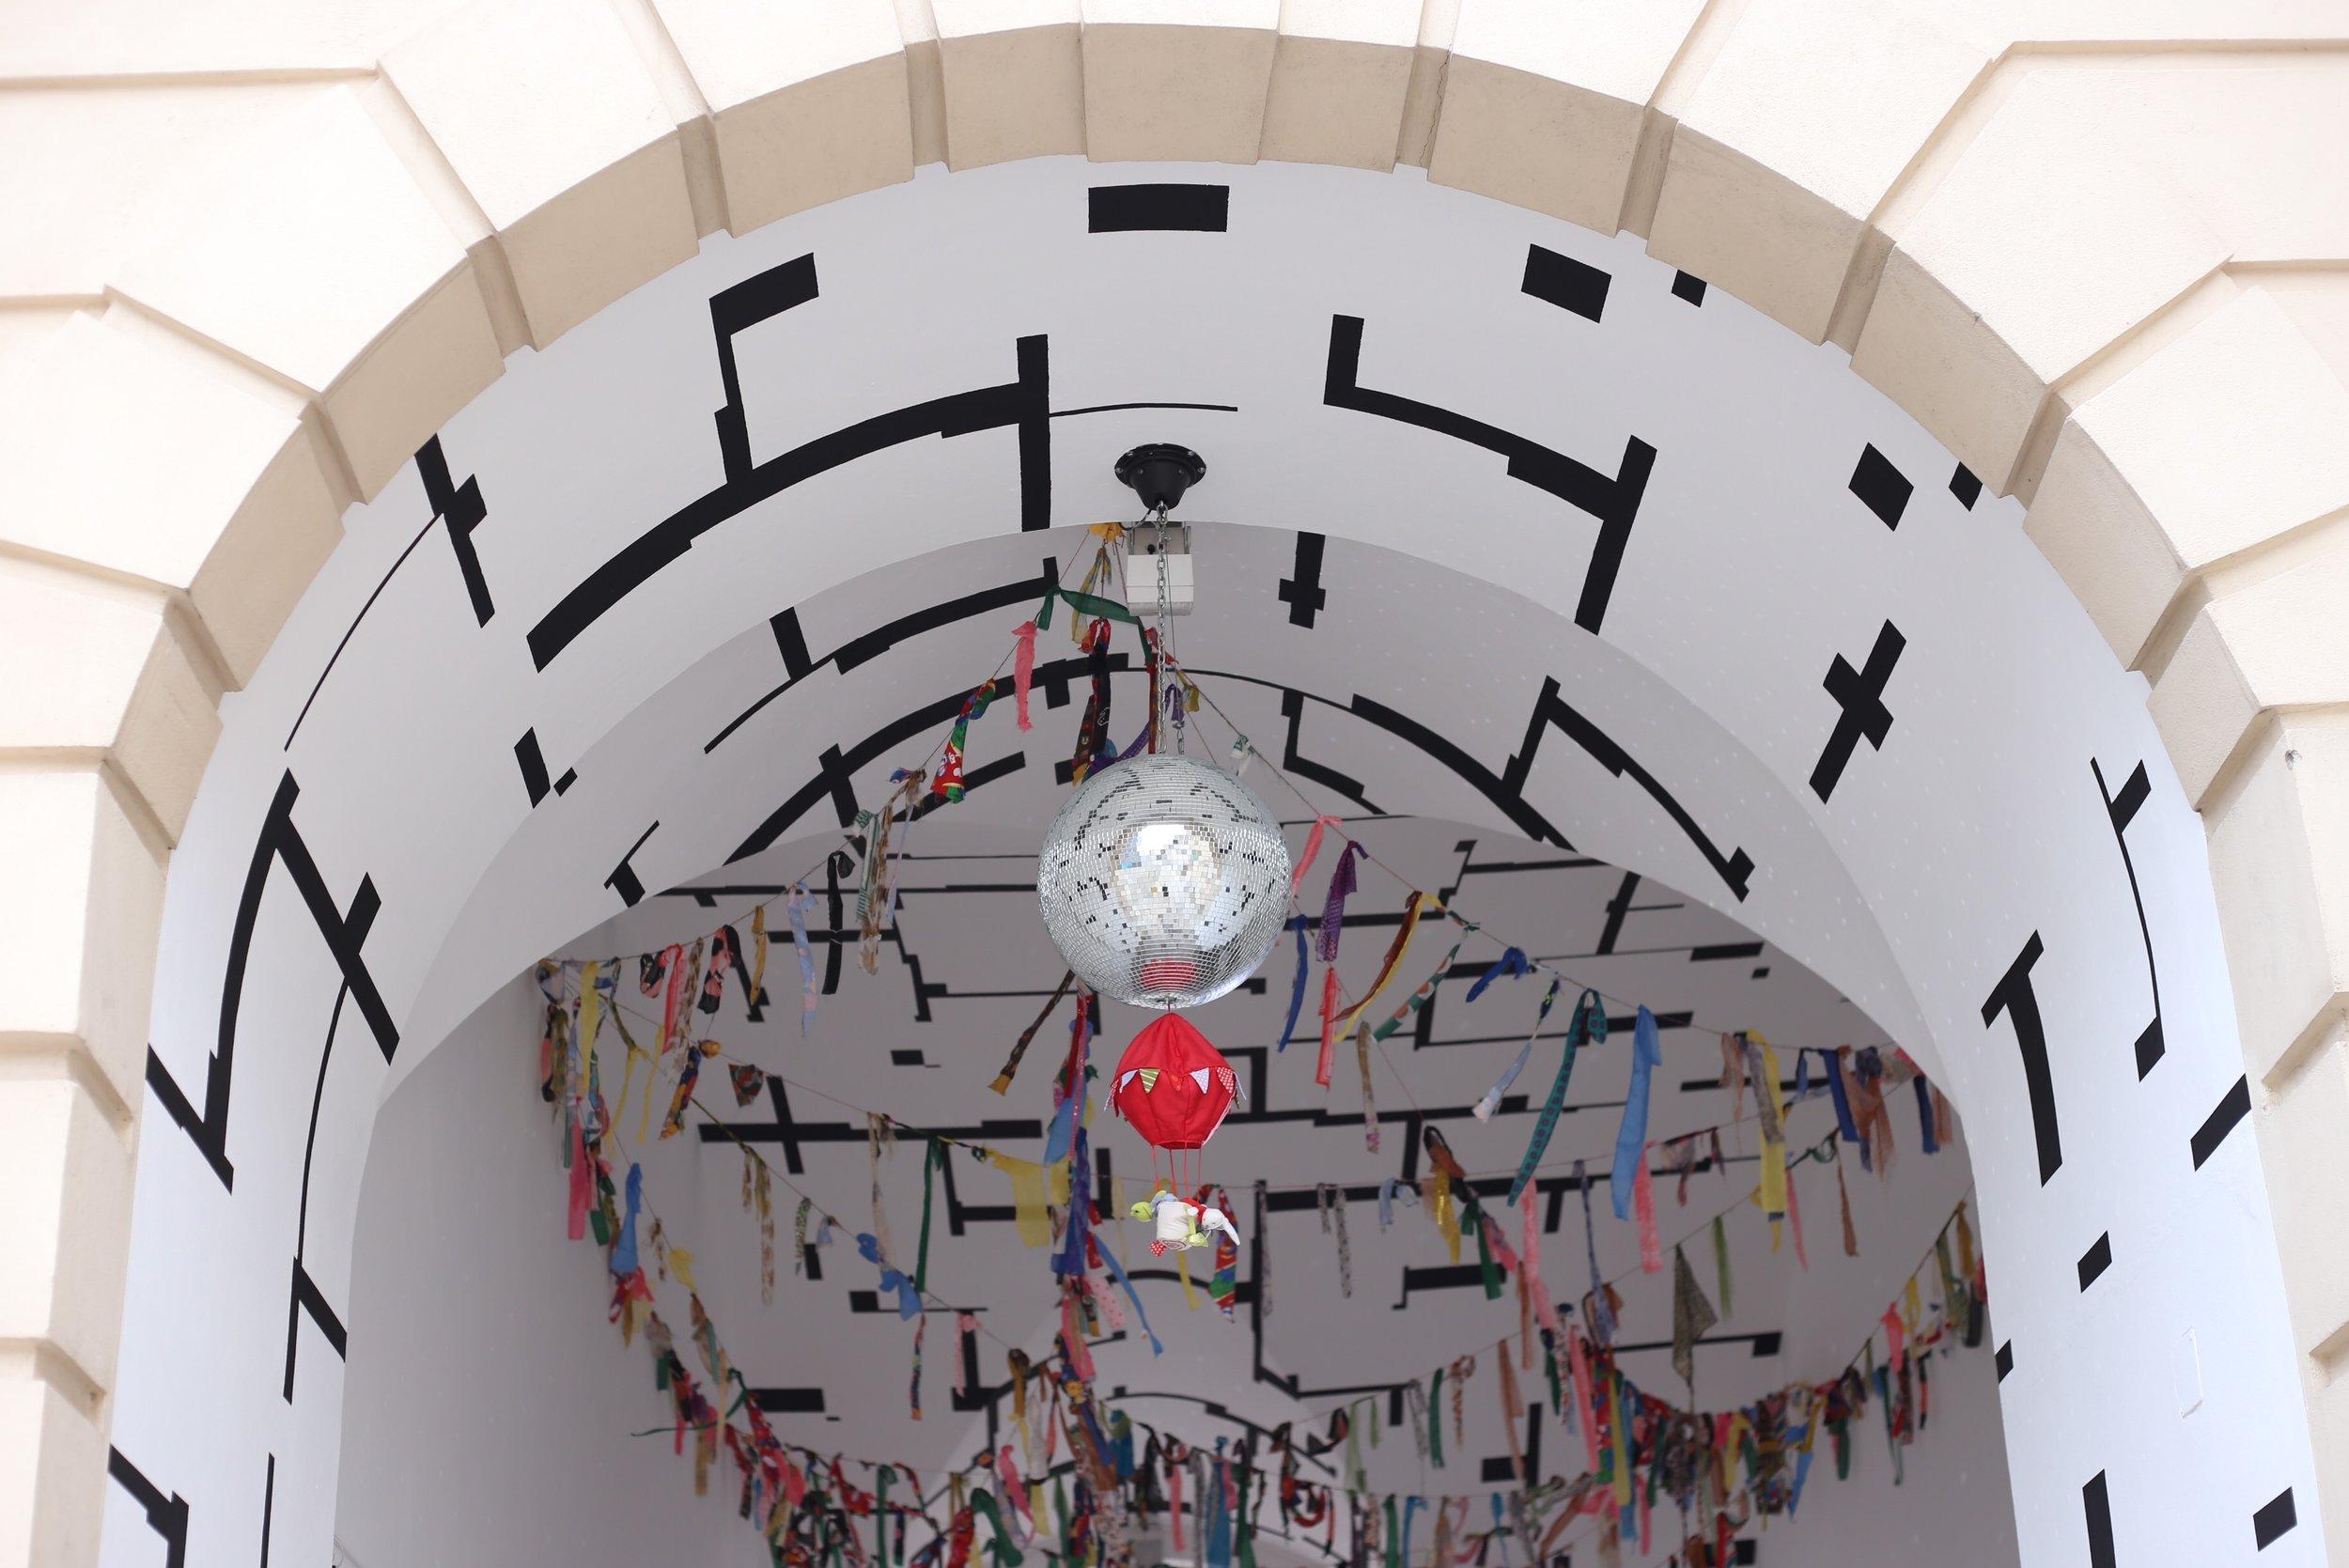 Secret passage with art installation in Vienna.